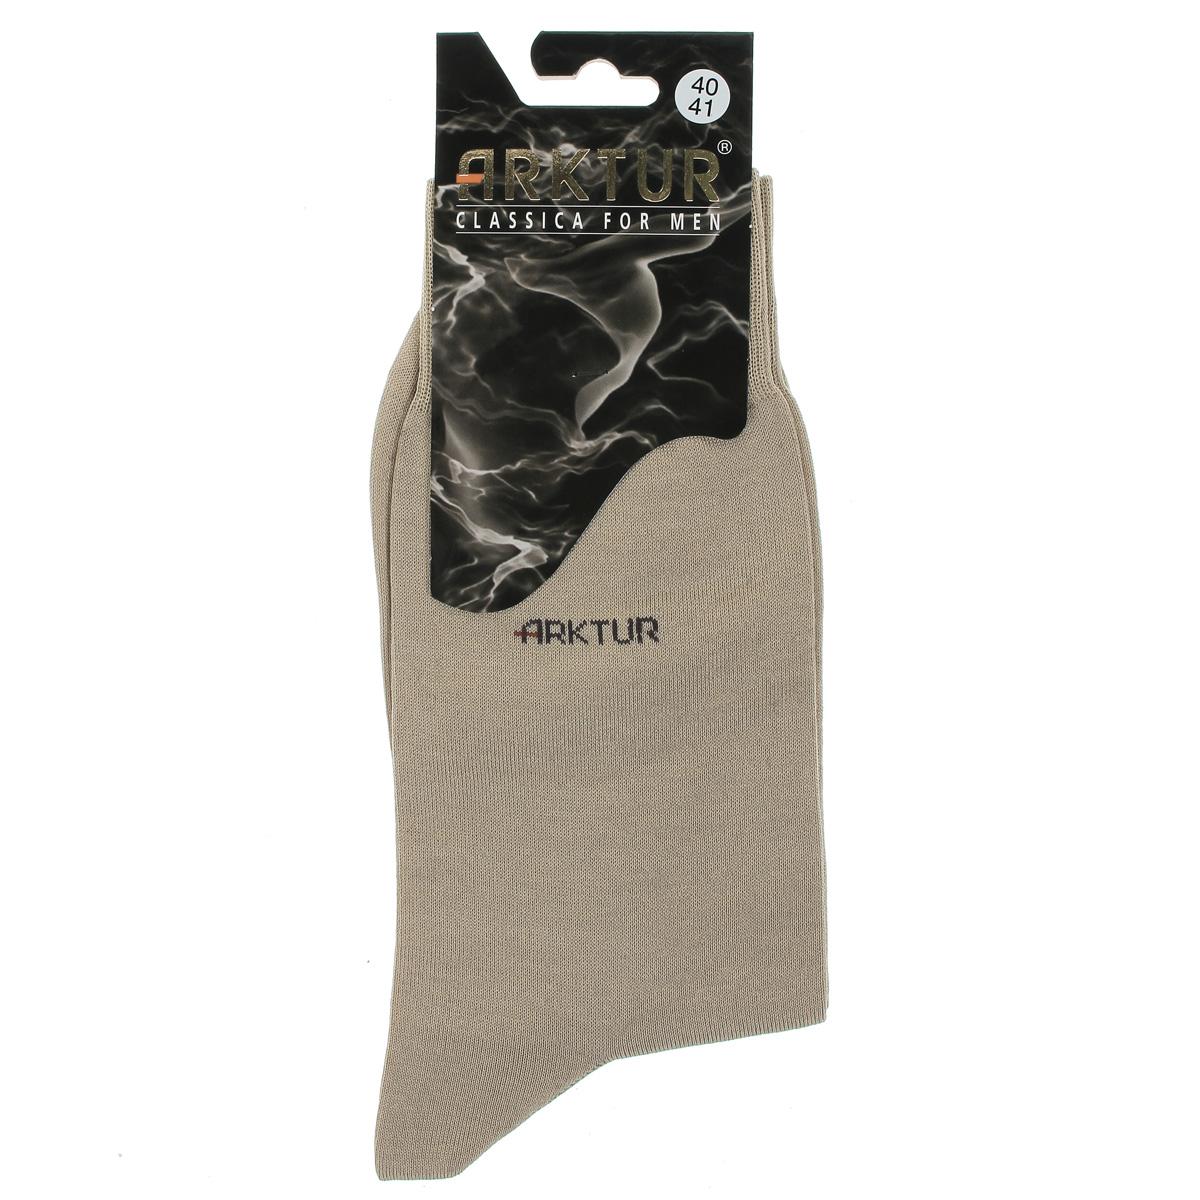 Носки мужские Arktur, цвет: светло-бежевый. Л150. Размер 40/41Л150Мужские носки Arktur престижного класса. Носки превосходного качества из мерсеризованного хлопка отличаются гладкой текстурой и шелковистостью, что создает приятное ощущение нежности и прохлады. Эргономичная резинка пресс-контроль комфортно облегает ногу. Носки обладают повышенной прочностью, не подвержены усадке. Усиленная пятка и мысок. Удлиненный паголенок.Идеальное сочетание практичности, комфорта и элегантности!